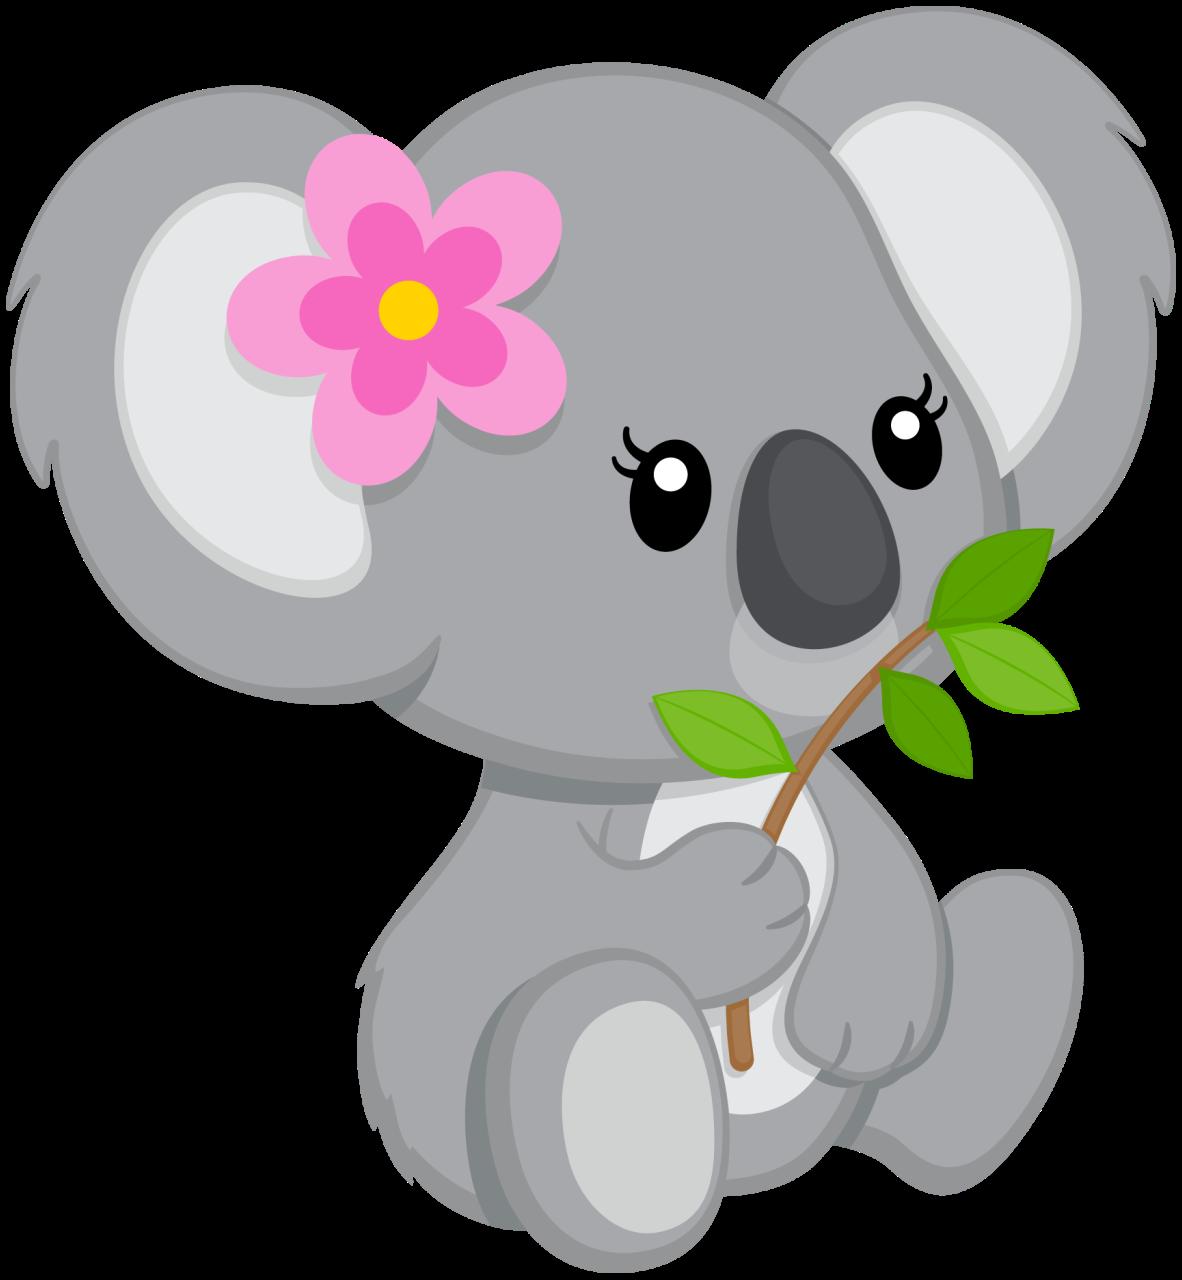 medium resolution of koala bear